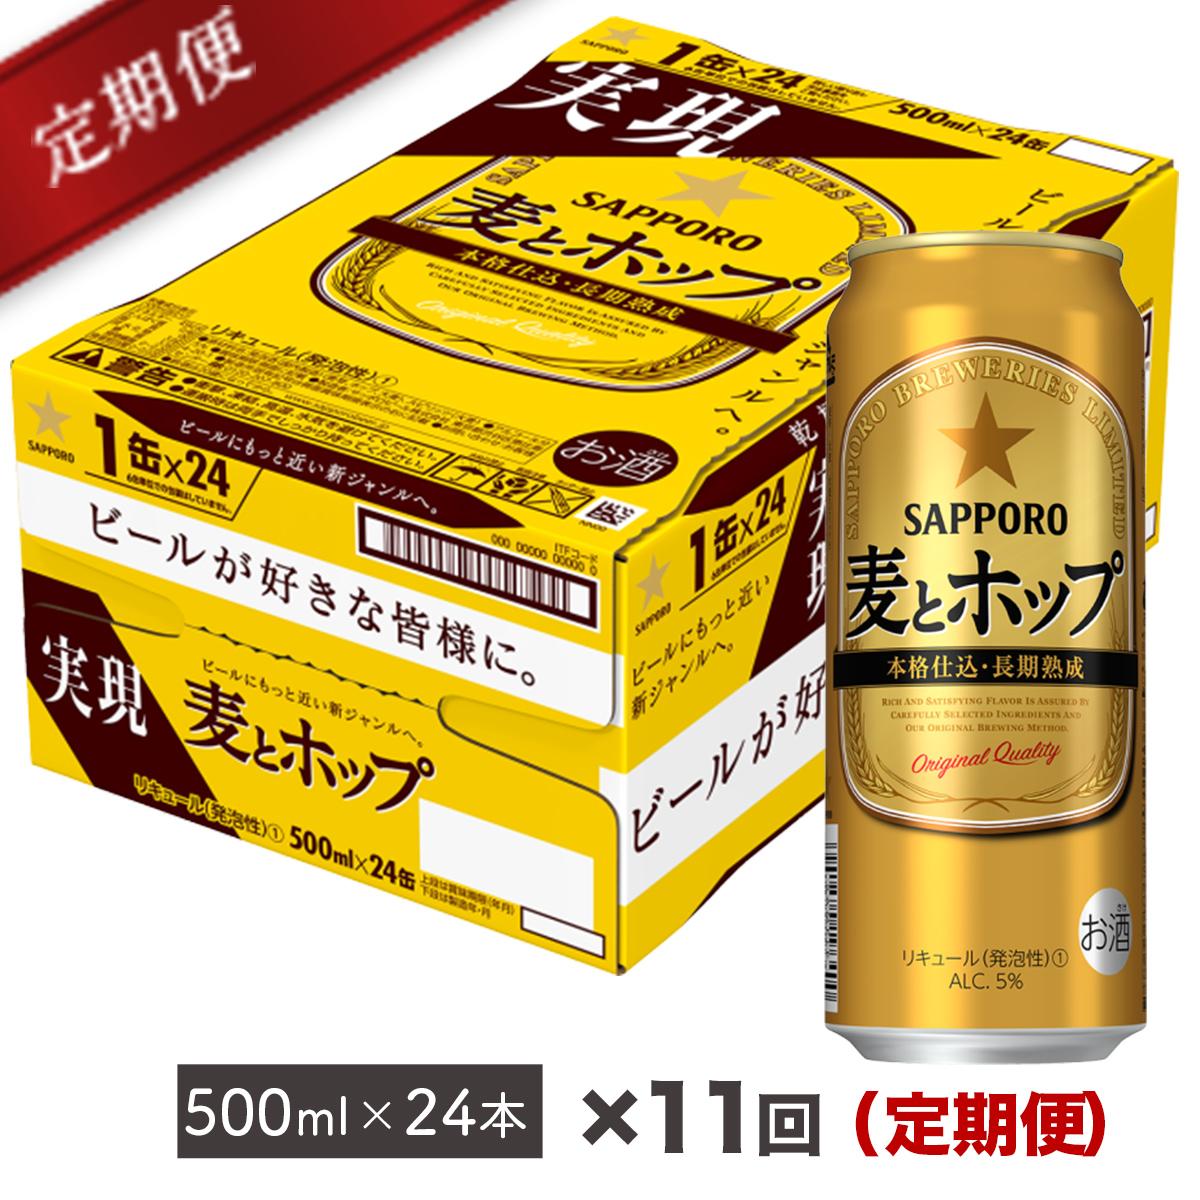 【ふるさと納税】【毎月届く定期便】地元名取生産 麦とホップ 500ml 24缶を11回お届け